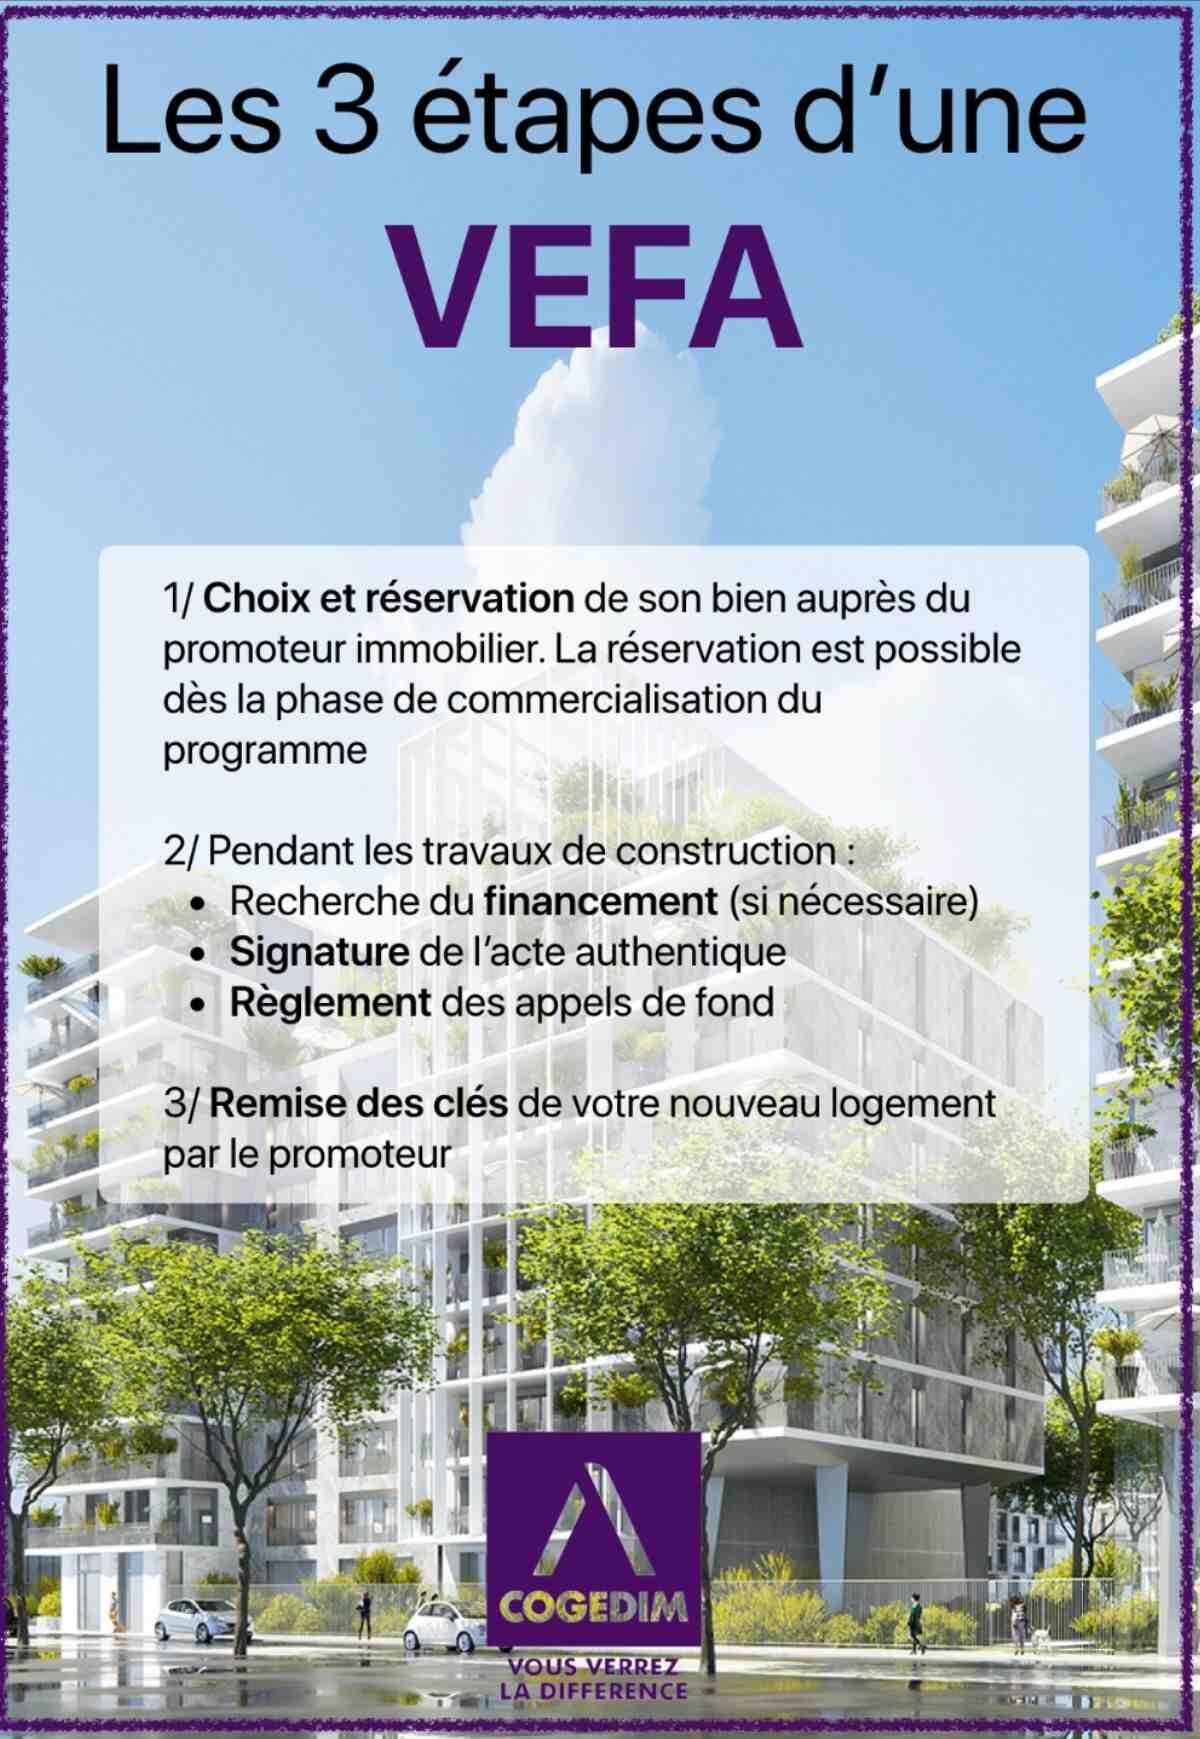 Comment faire une réservation d'hôtel pour un visa?